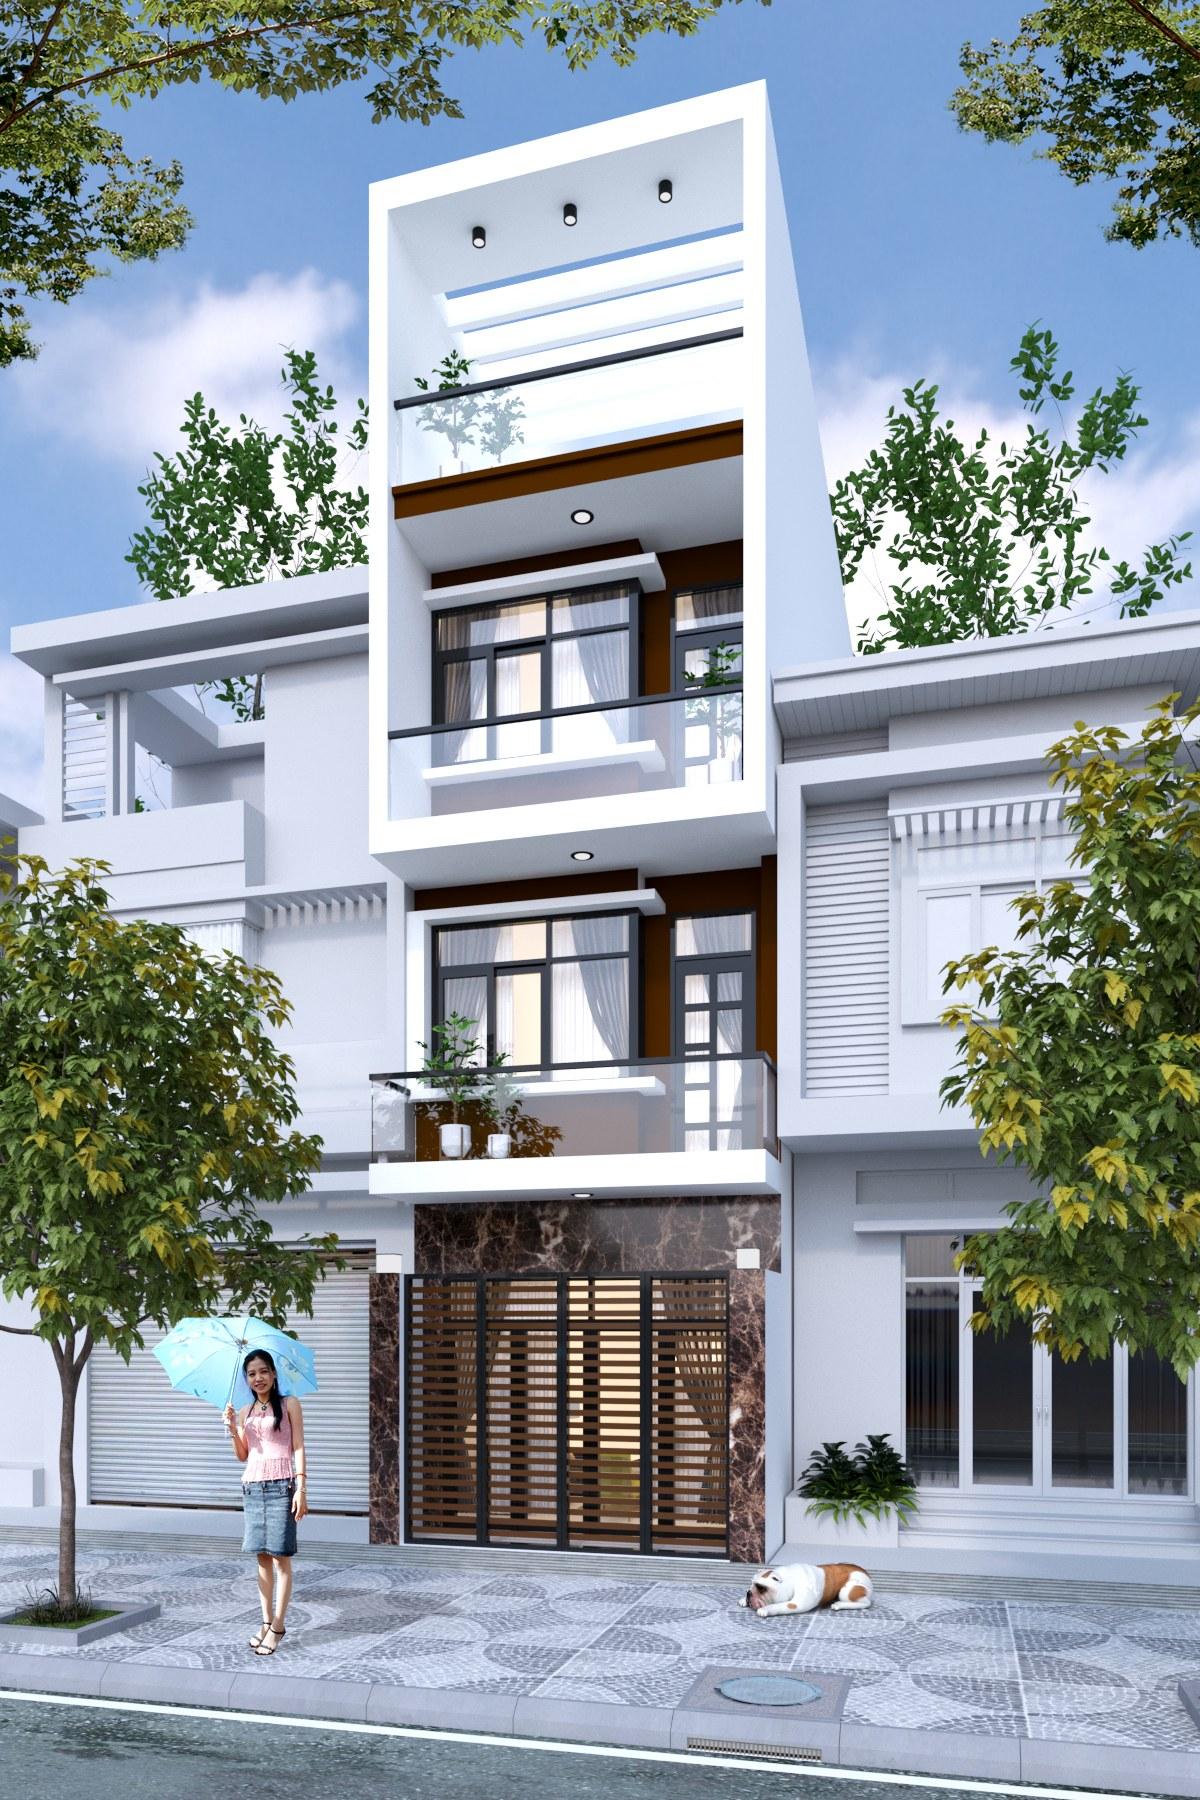 Mẫu nhà 3 tầng 1 tum thiết kế hiện đại cùng